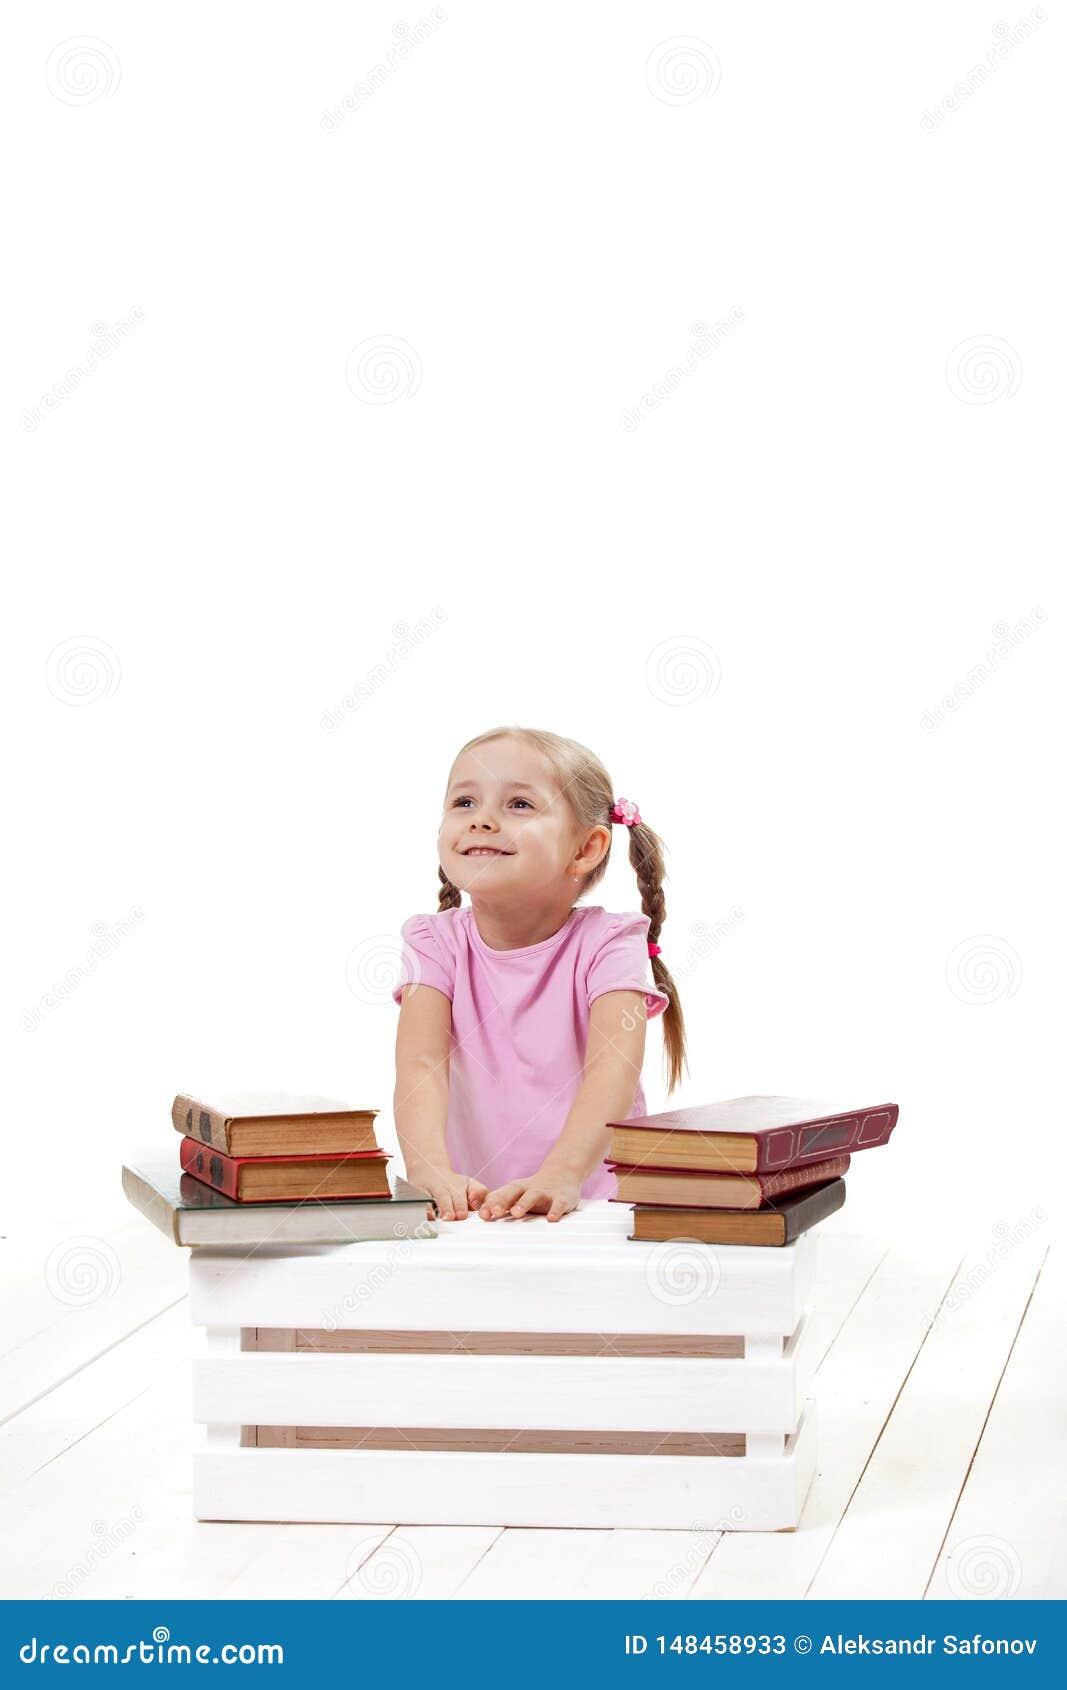 Радостная маленькая девочка с книгами сидит на белом поле